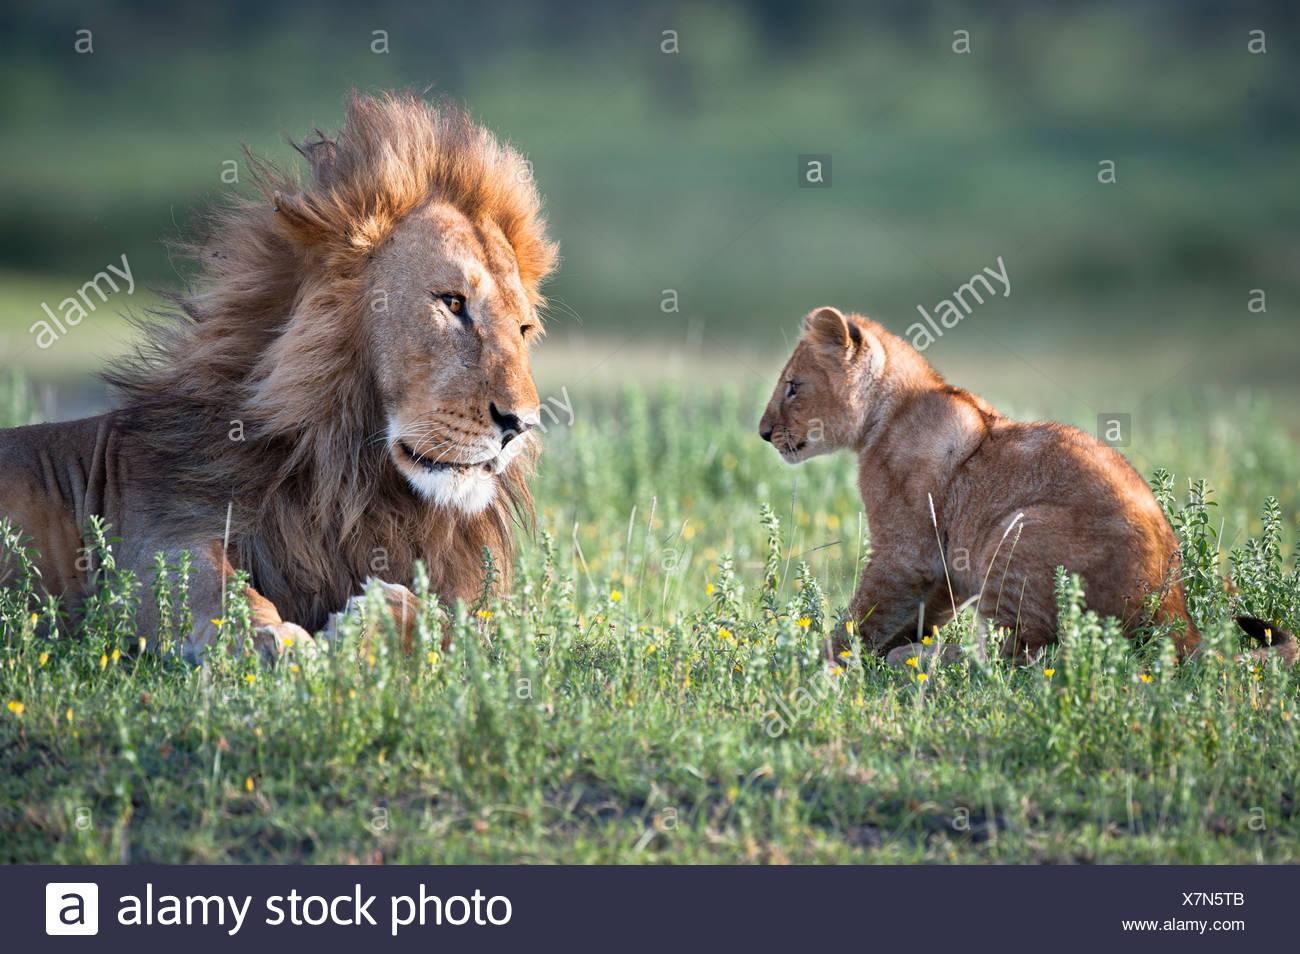 Männlichen afrikanischen Löwen spielen mit 4 Monate alten Jungen, großen Marsh, Ndutu, Serengeti, Tansania Stockbild